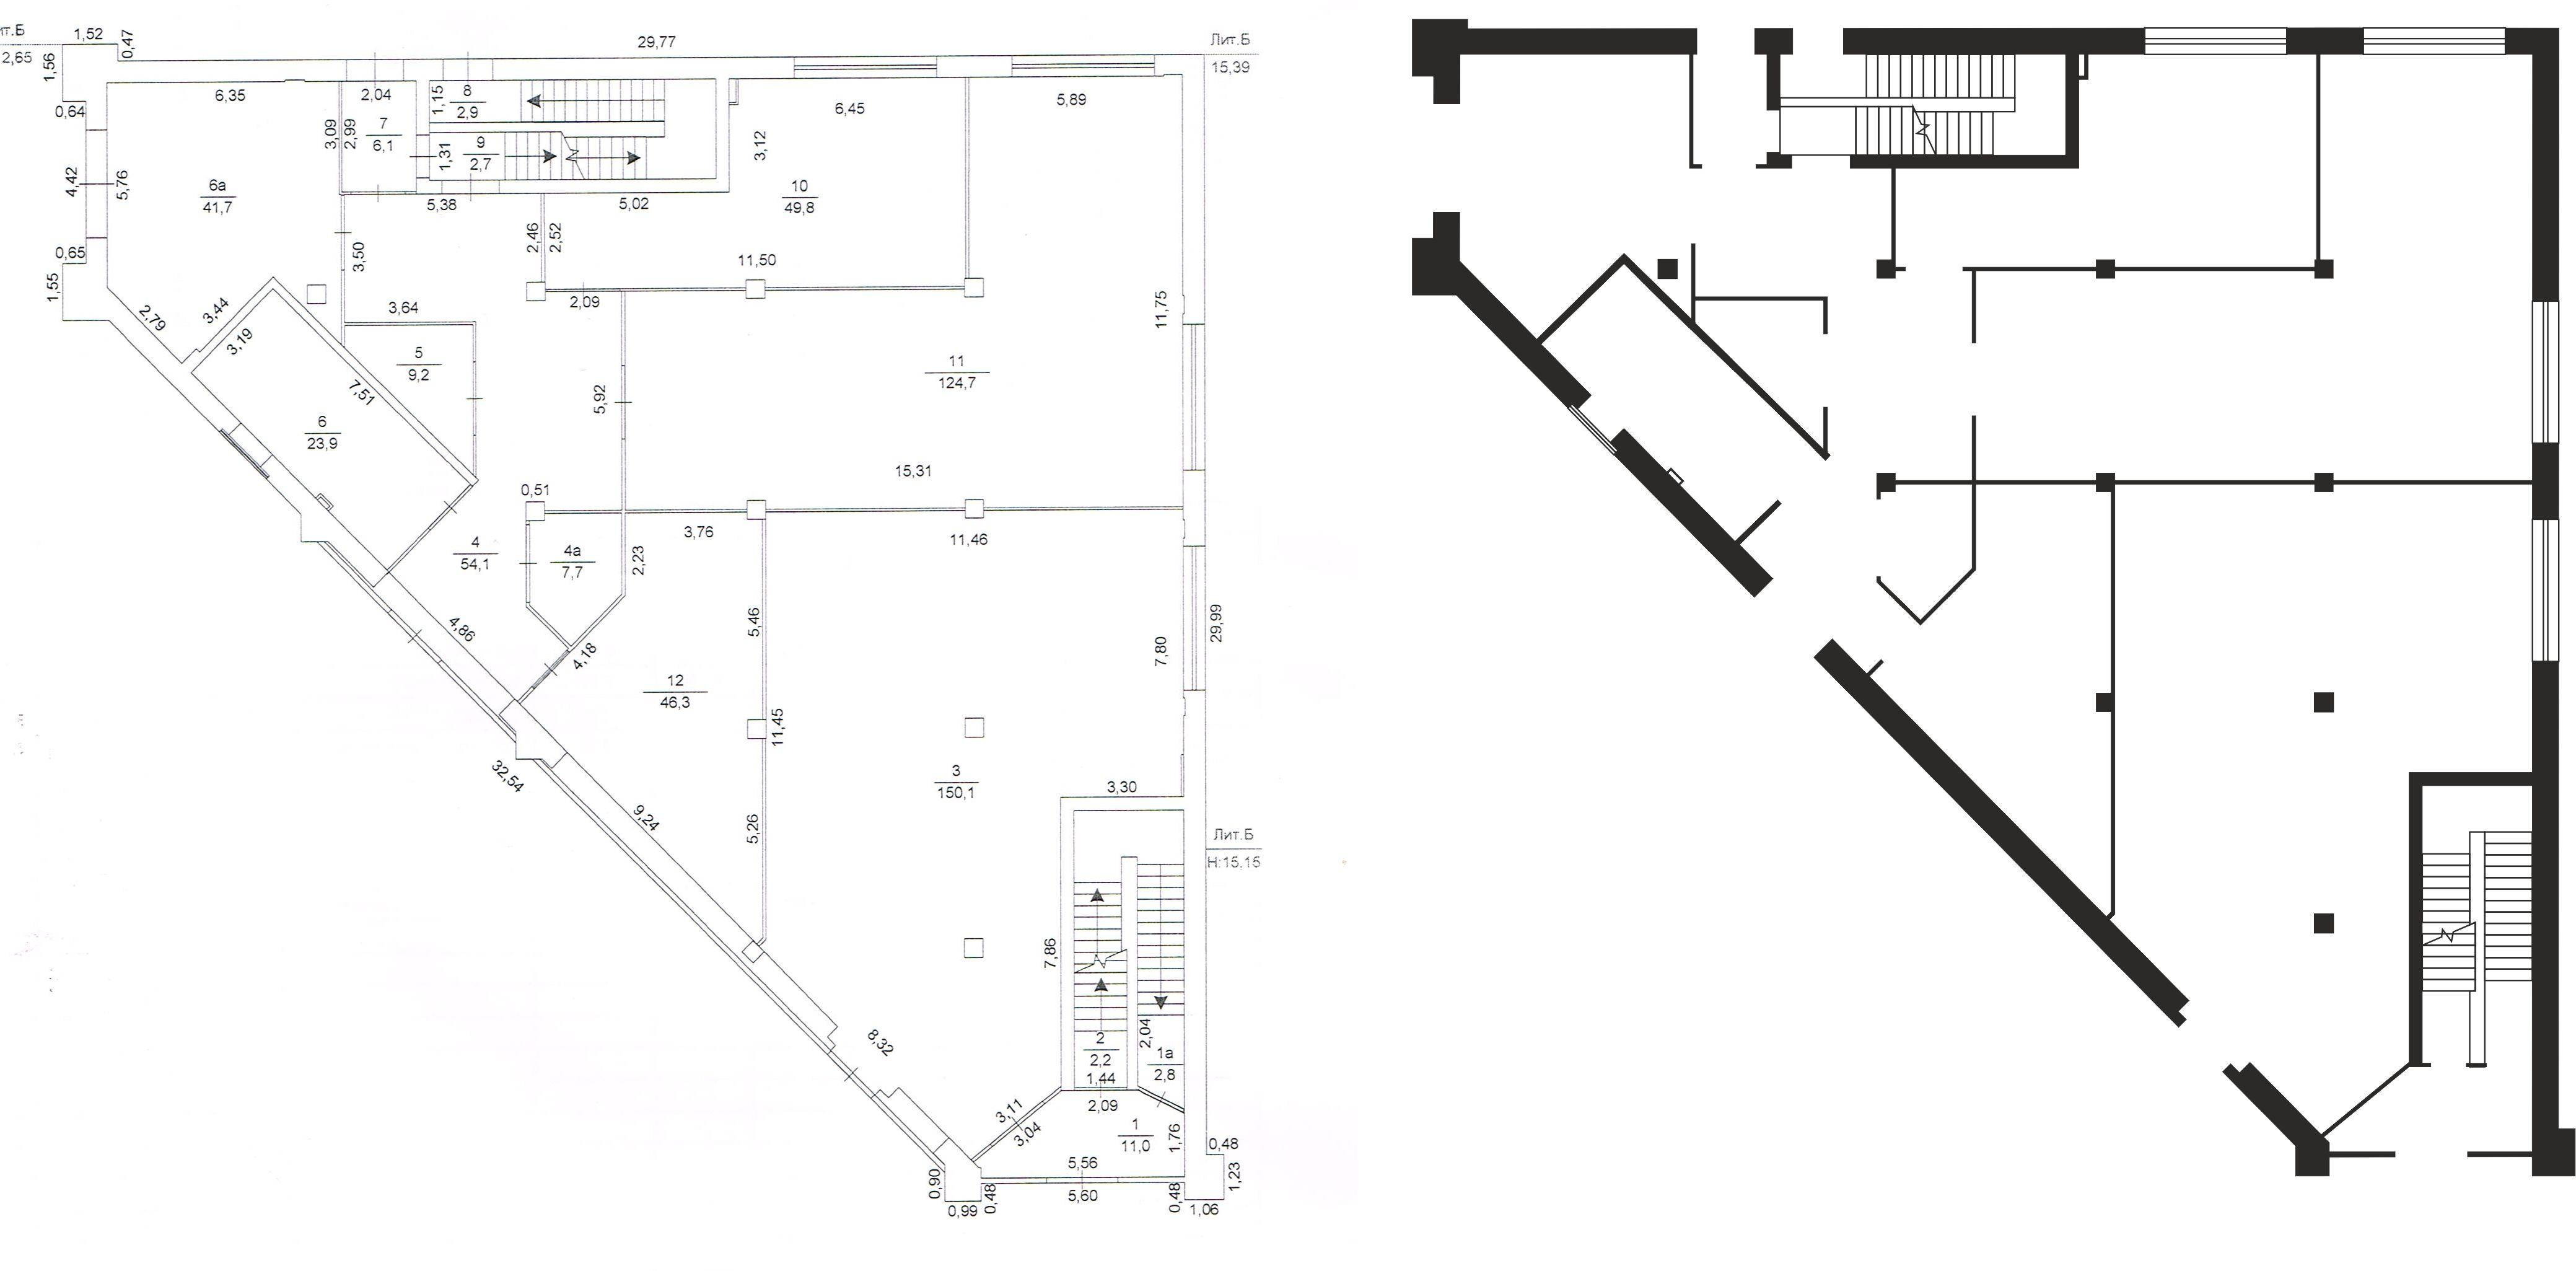 Отрисовка планировки помещения